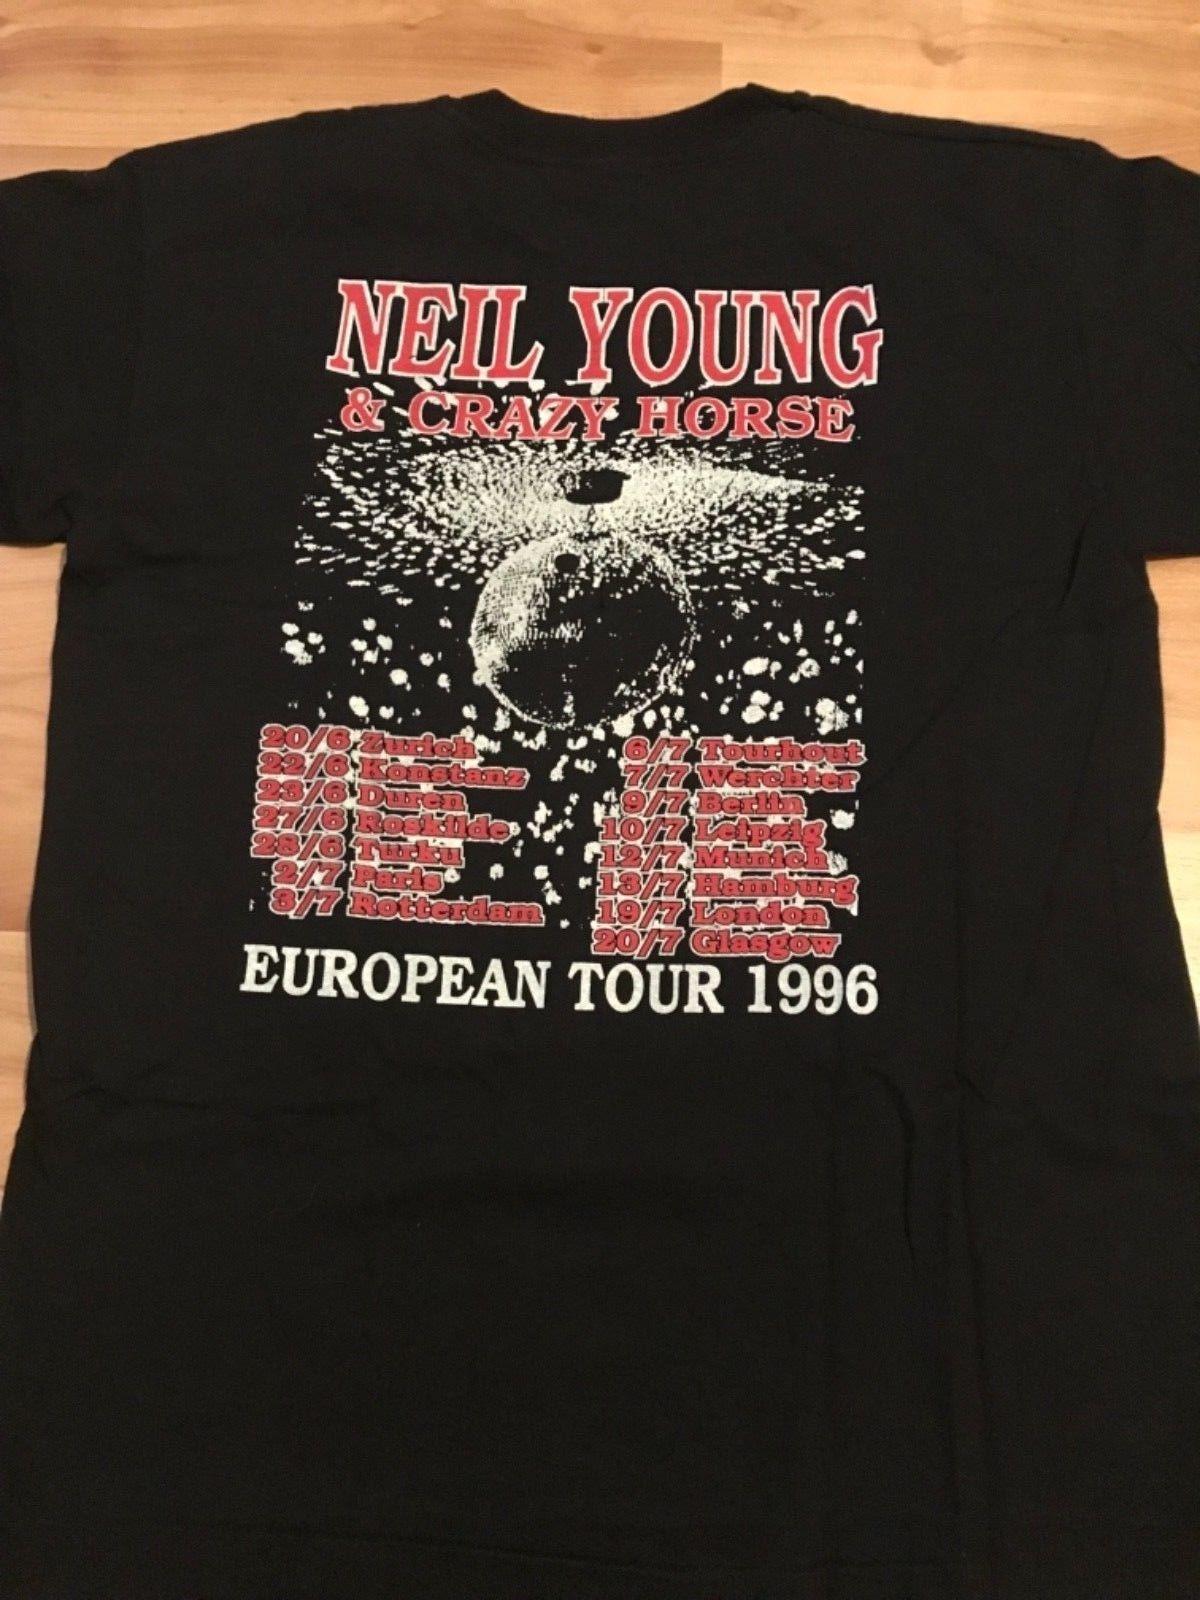 074c7b540 Neil Young rare European '96 Tour Shirt Mirror Ball Pearl Jam   eBay ...